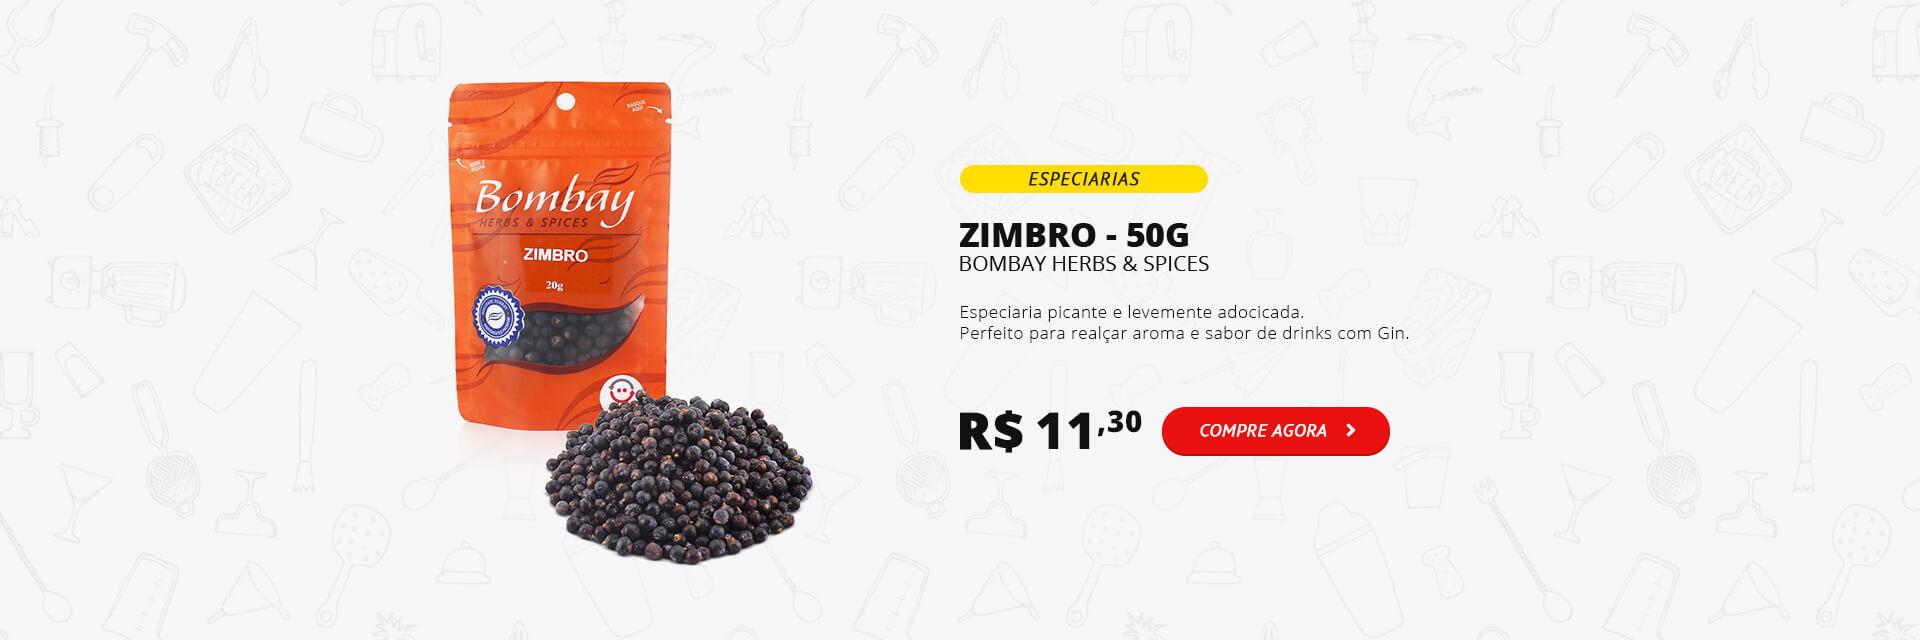 Zimbro Bombay Pacote 20g